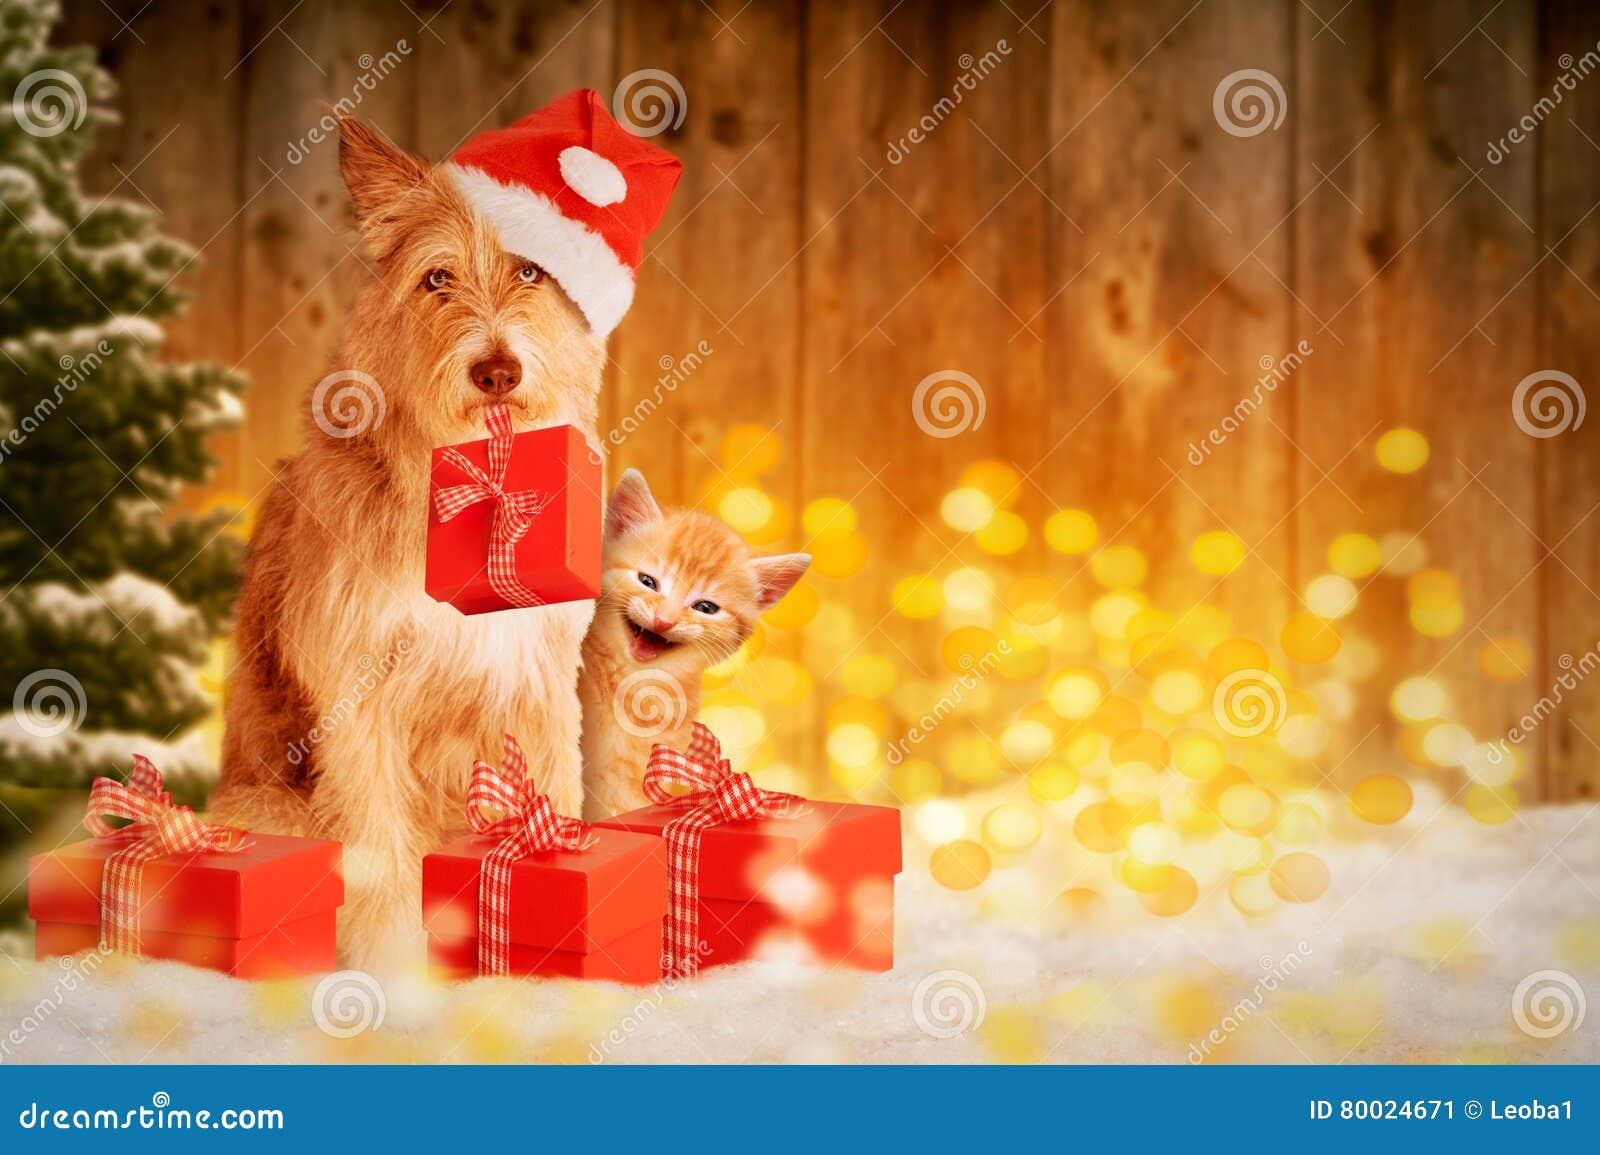 Hund Und Katze Am Weihnachten Mit Geschenken Stockbild - Bild von ...